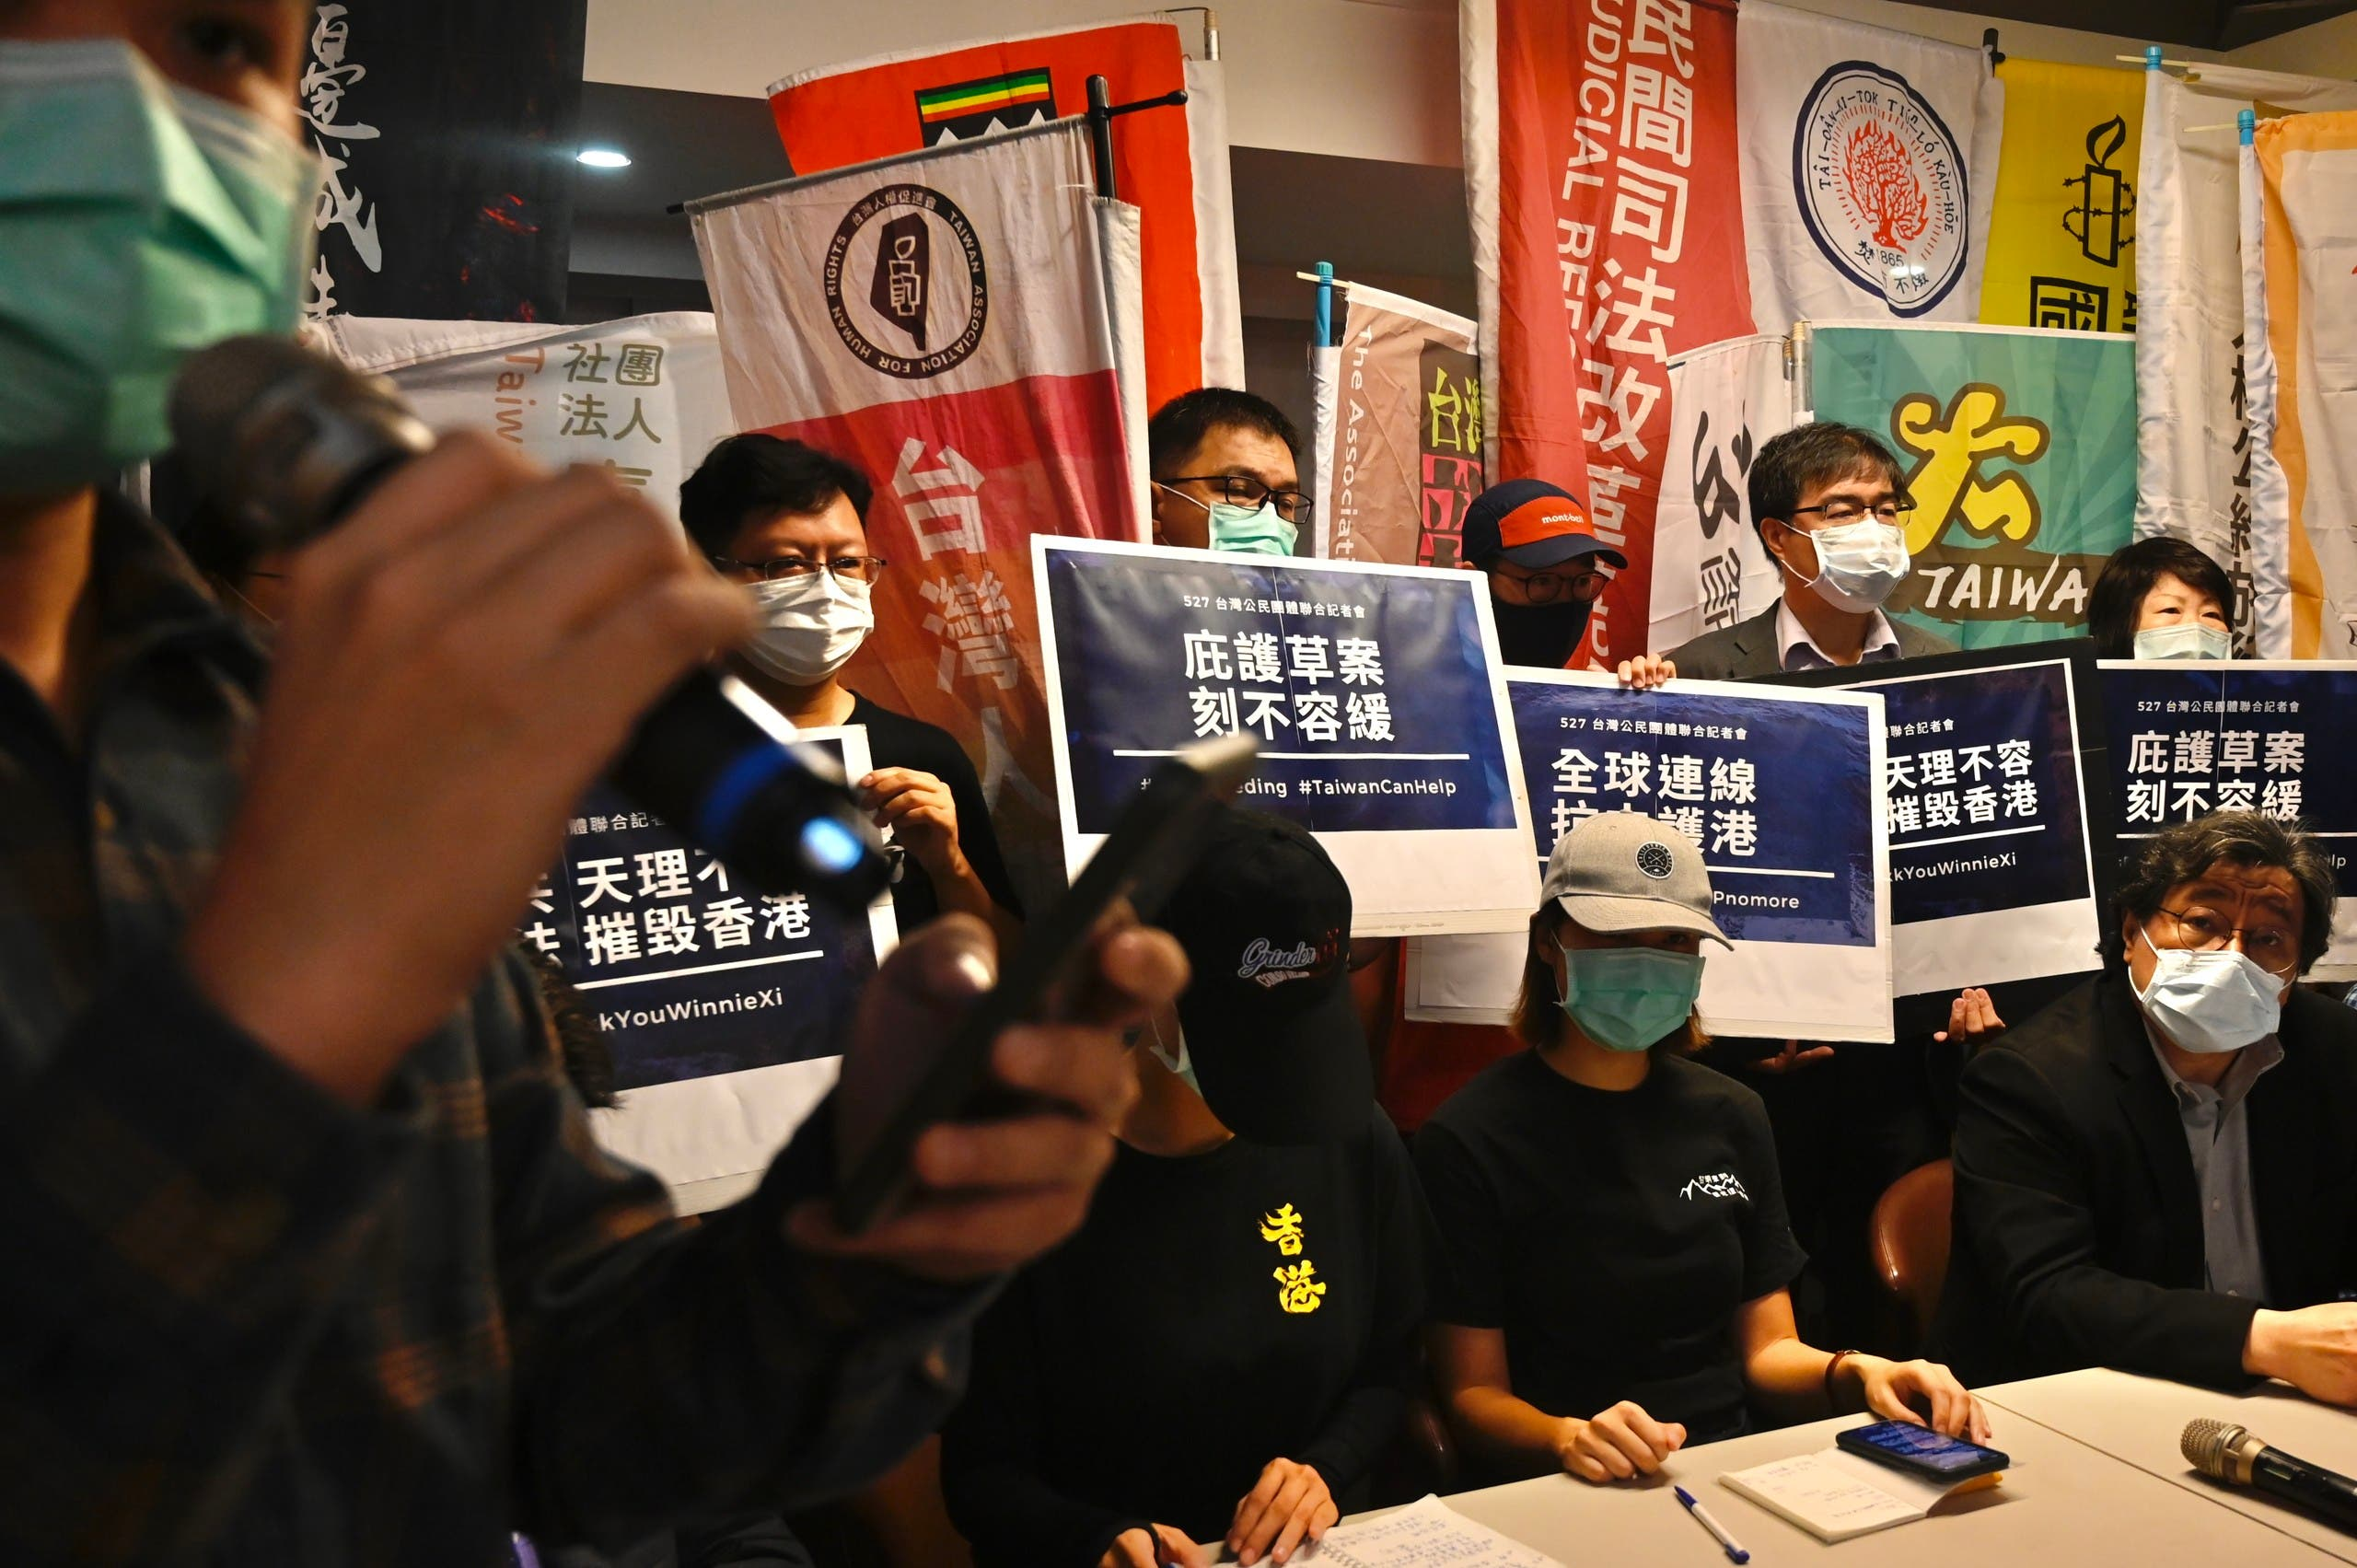 طلاب من تايوان وهونغ كونغ يحتجون على إقرار بكين قانون الأمن القومي (أرشيفية- فرانس برس)